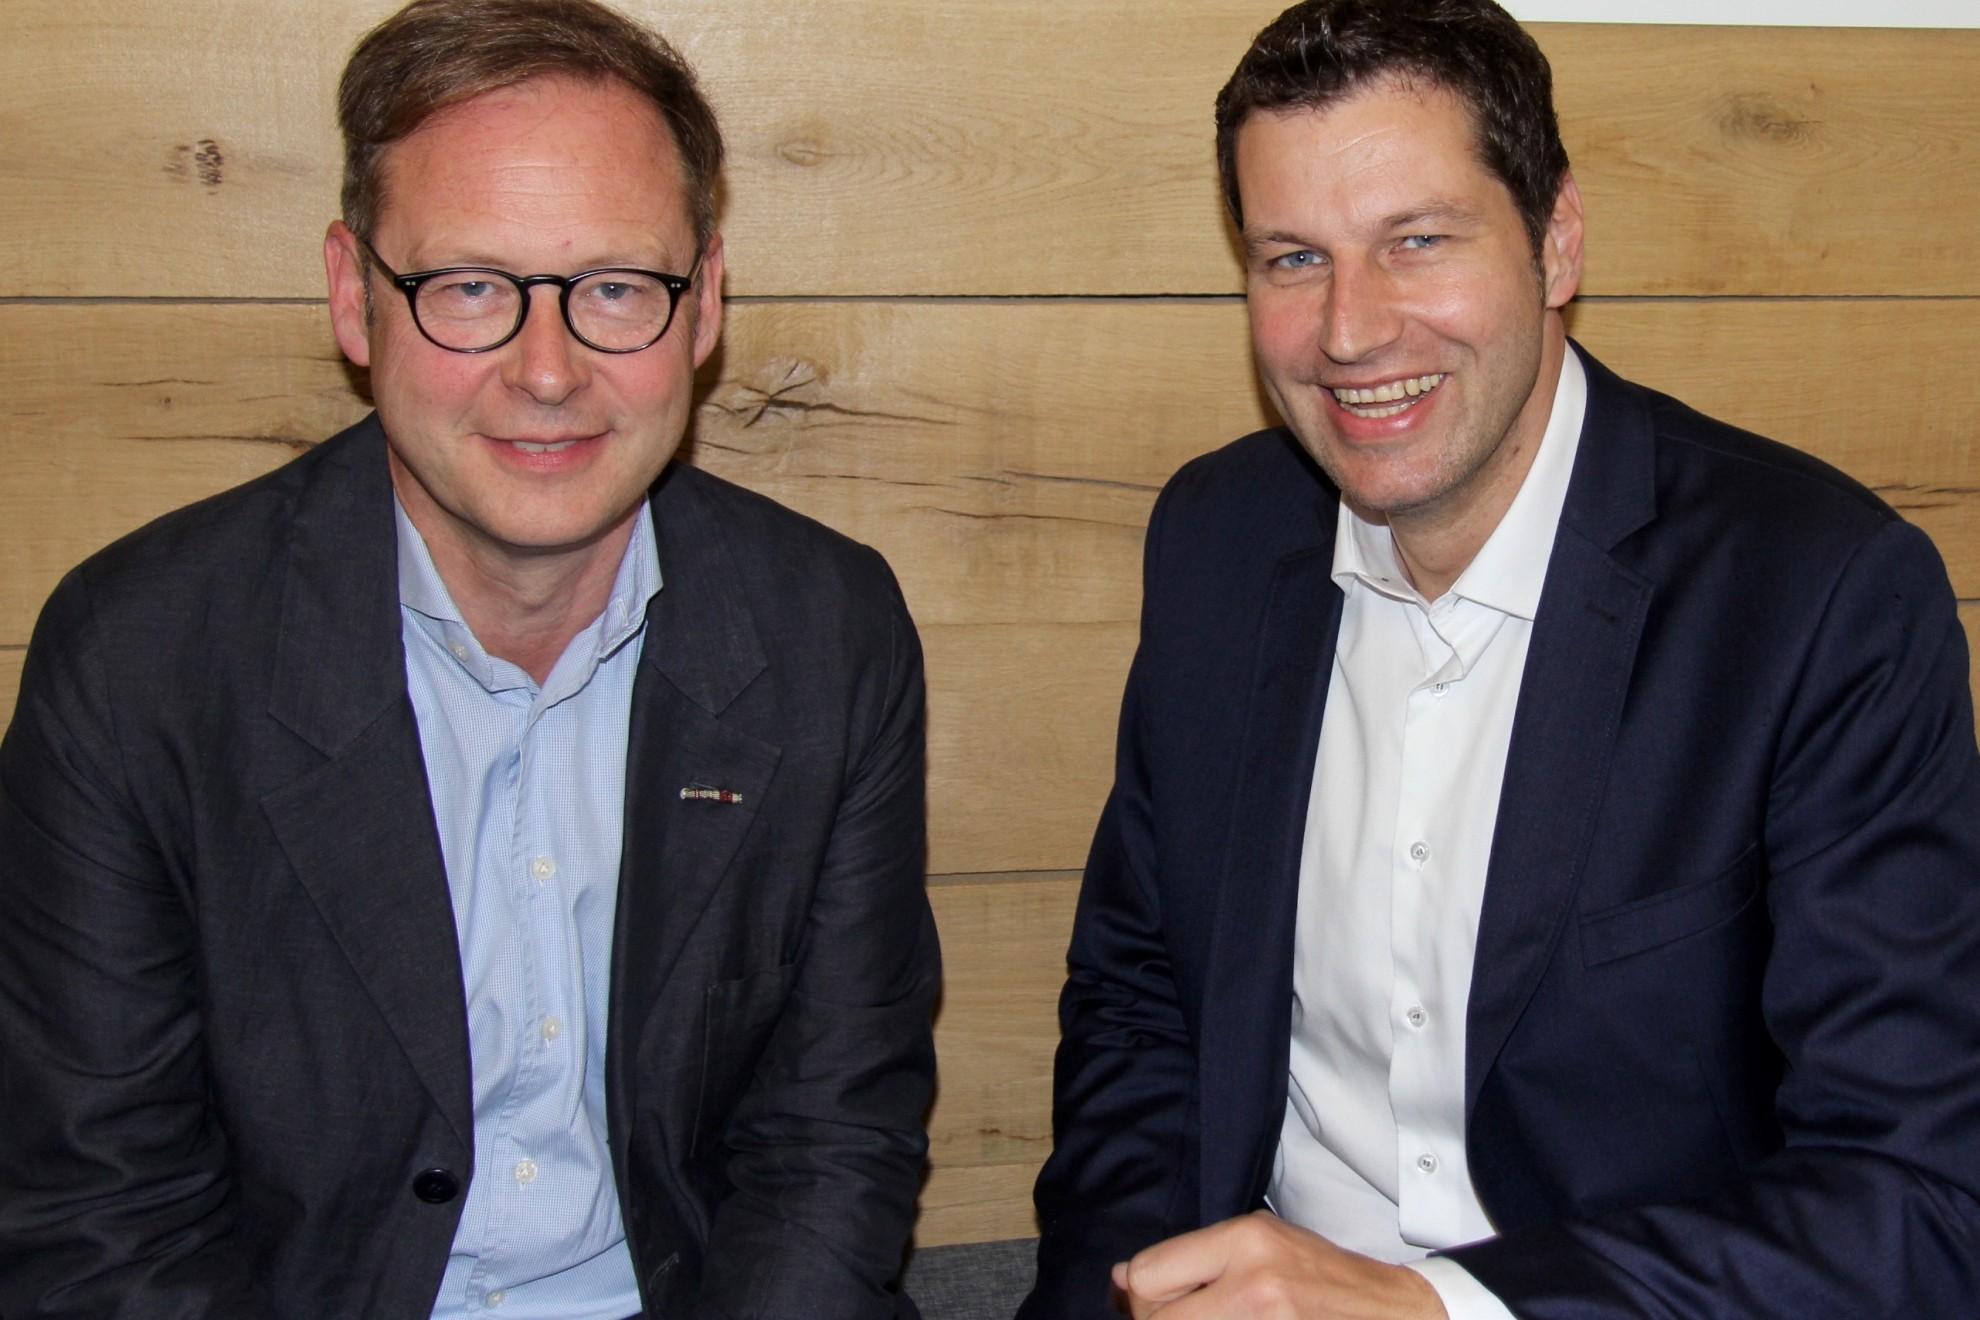 Karsten Rudolph (Vorsitzender der SPD Bochum) zusammen mit Thomas Eiskirch (Oberbürgermeister der Stadt Bochum) - Archivbild